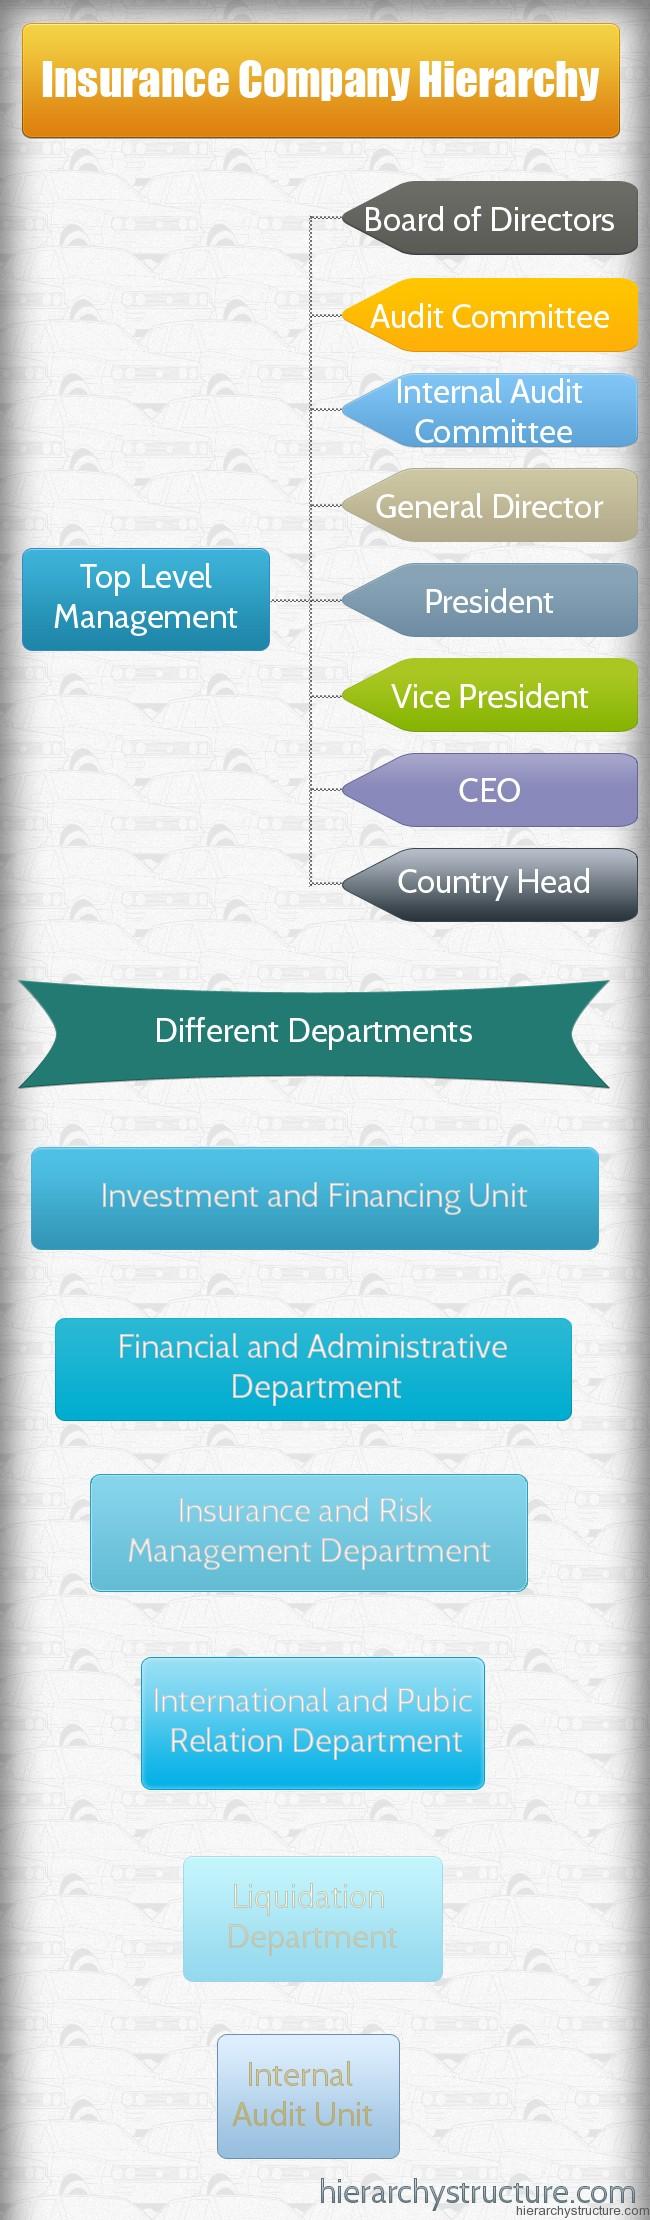 Insurance Company Hierarchy